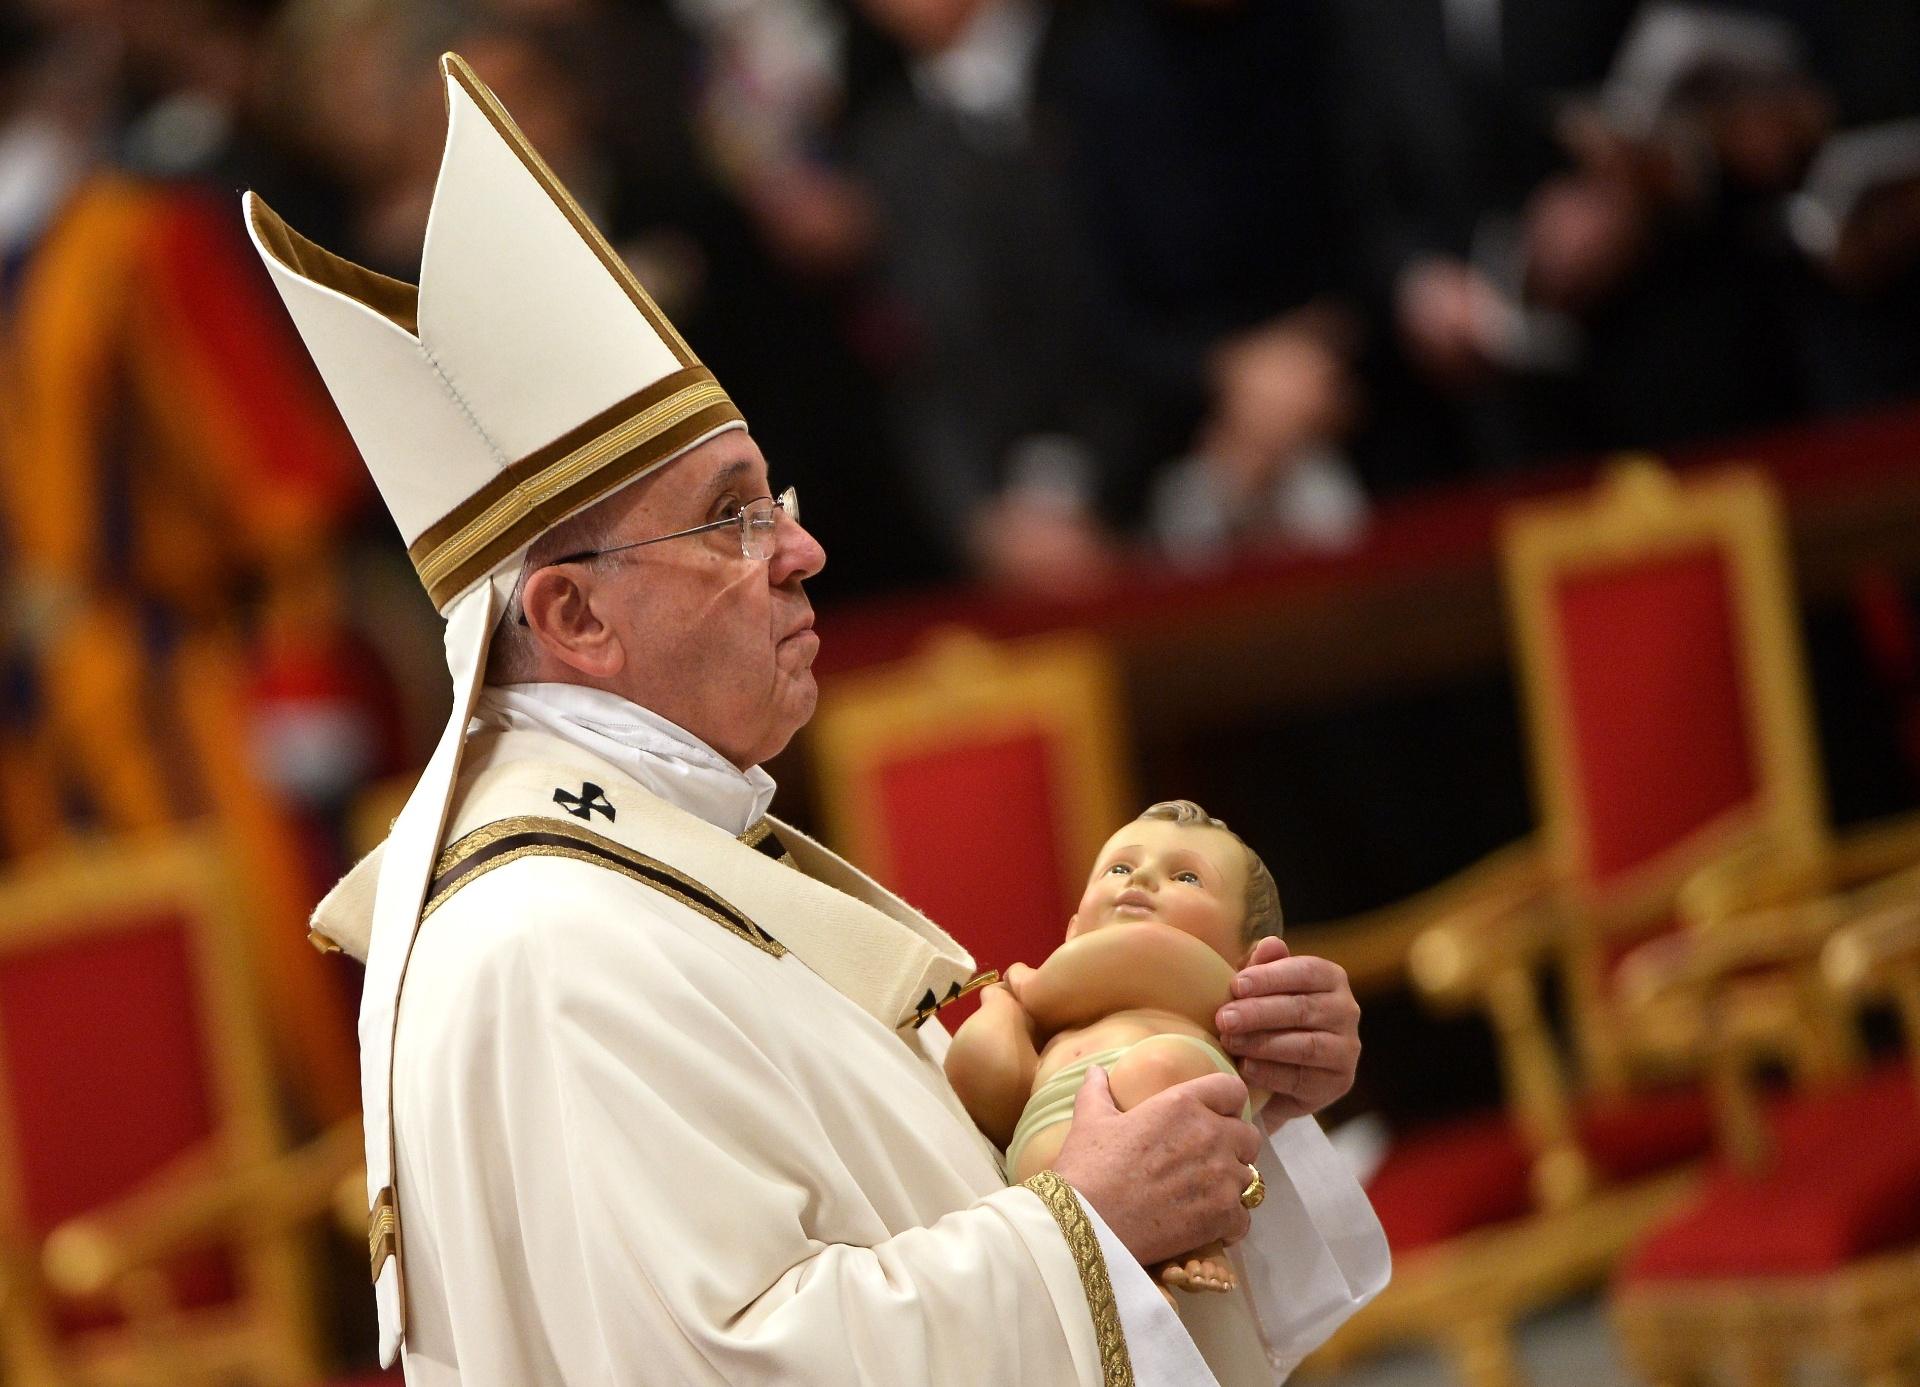 24.dez.2014 - O Papa Francisco carrega a imagem do menino Jesus durante a celebração da Missa do Galo, na Basílica de São Pedro, no Vaticano, que lembra o nascimento de Jesus Cristo